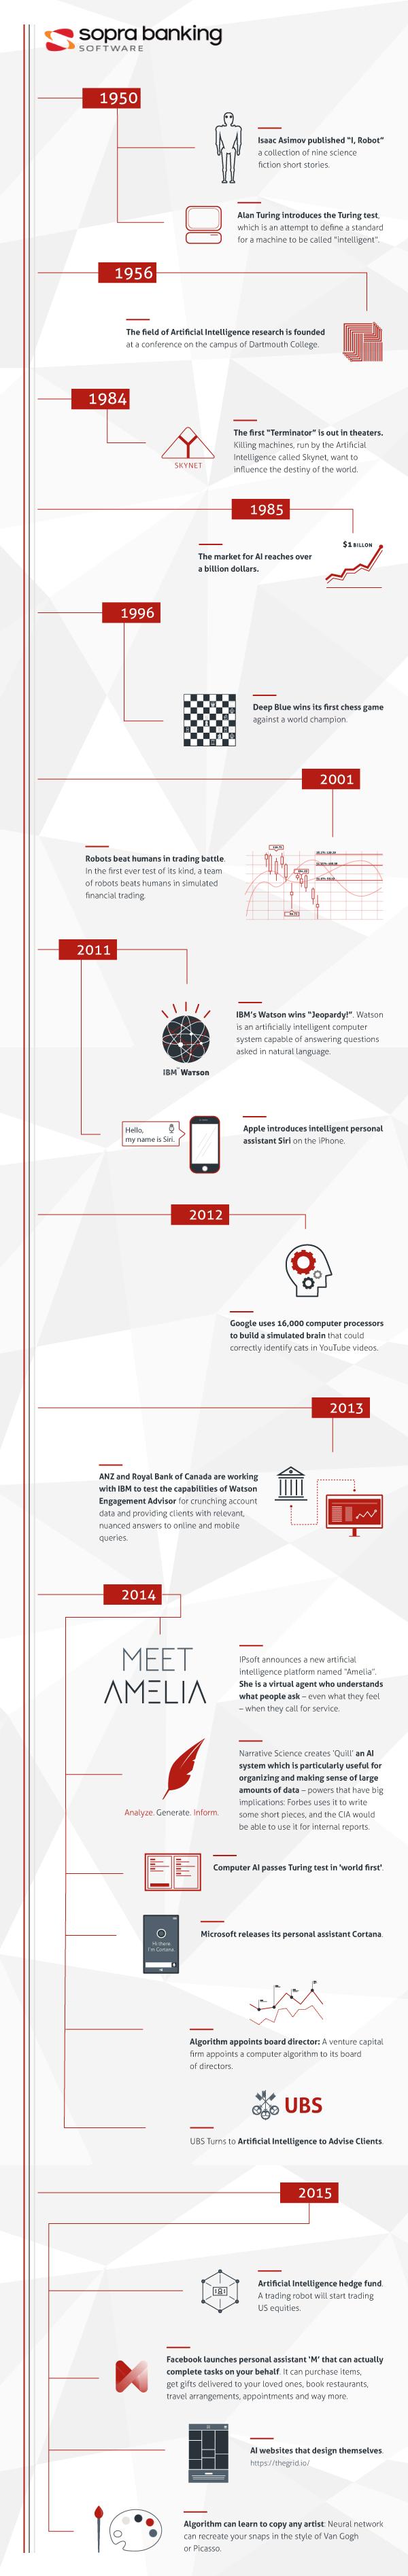 Infografik zur Geschichte der künstlichen Intelligenz